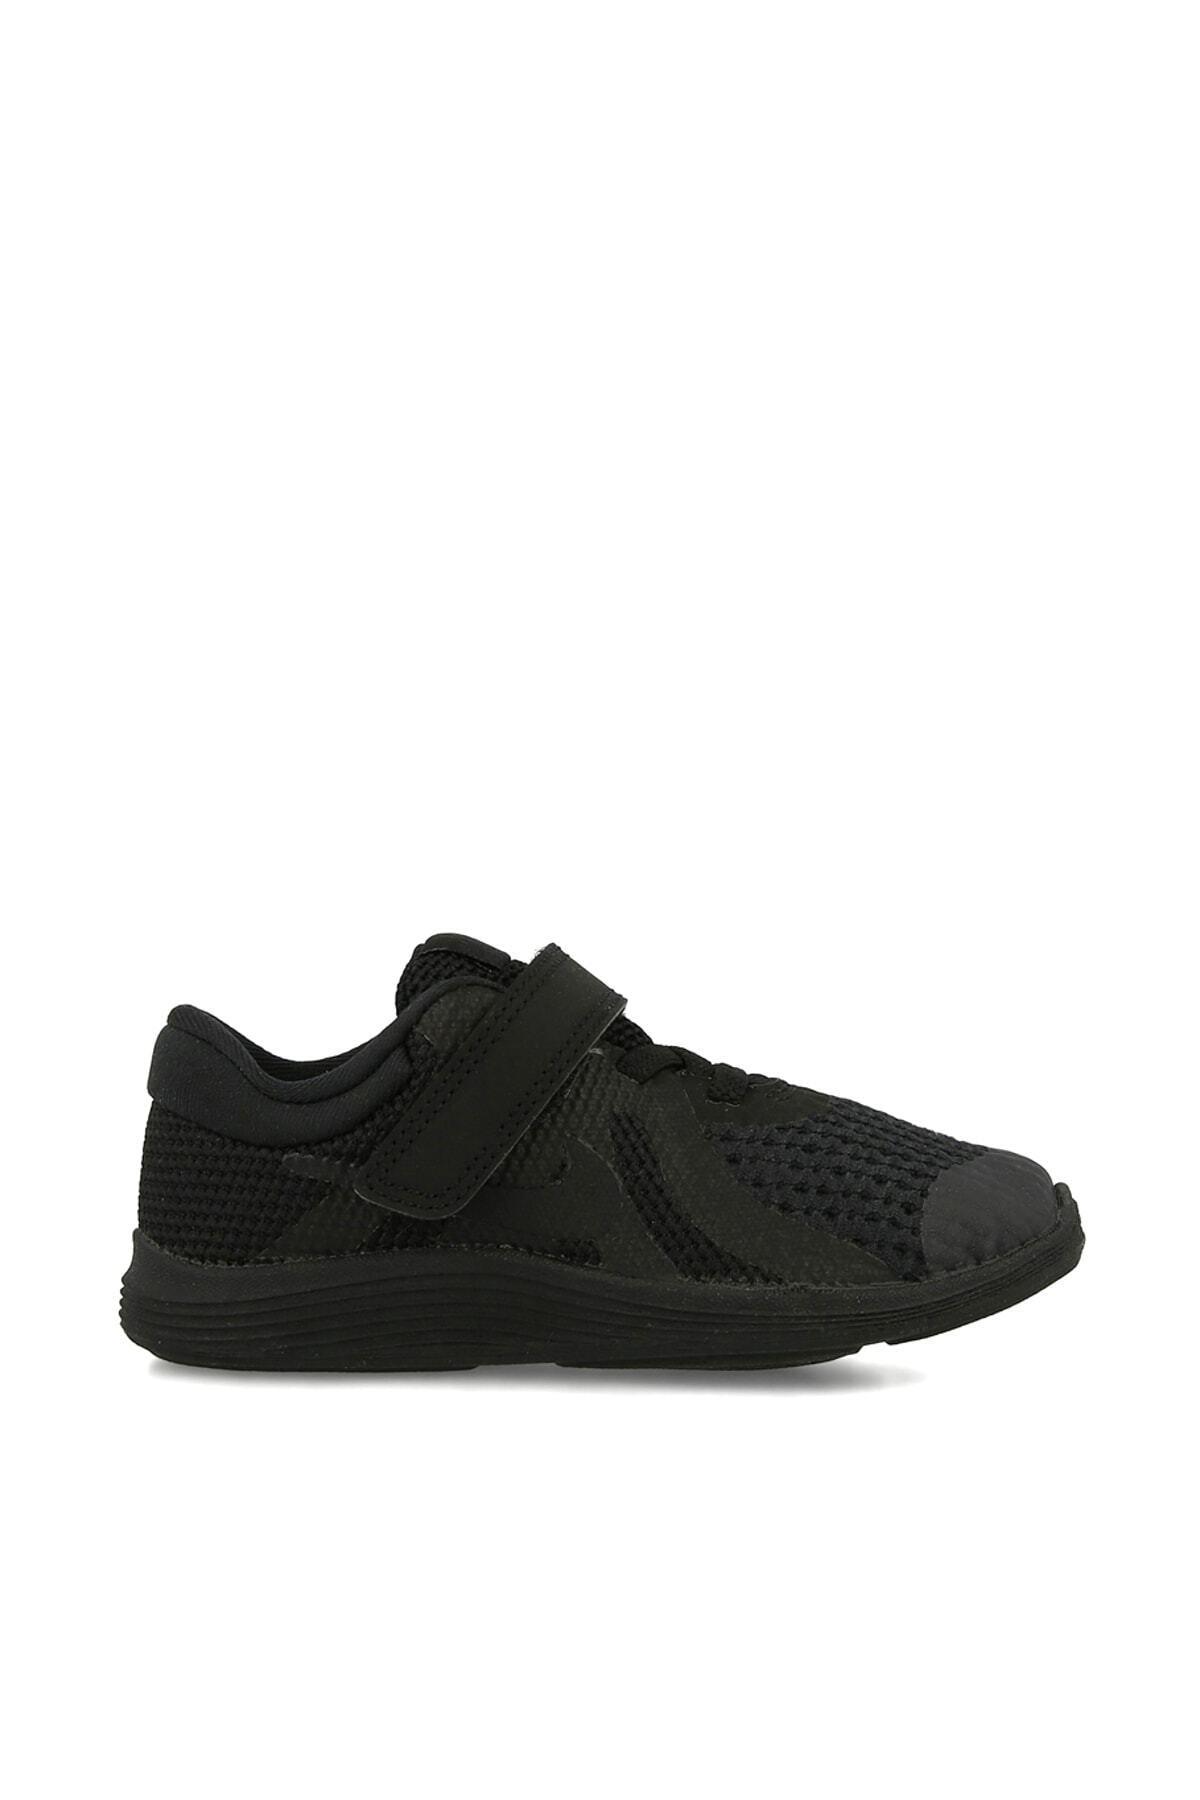 Nike Mor Siyah Bebek Revolutıon 4 (Tdv) Spor Ayakkabı 1